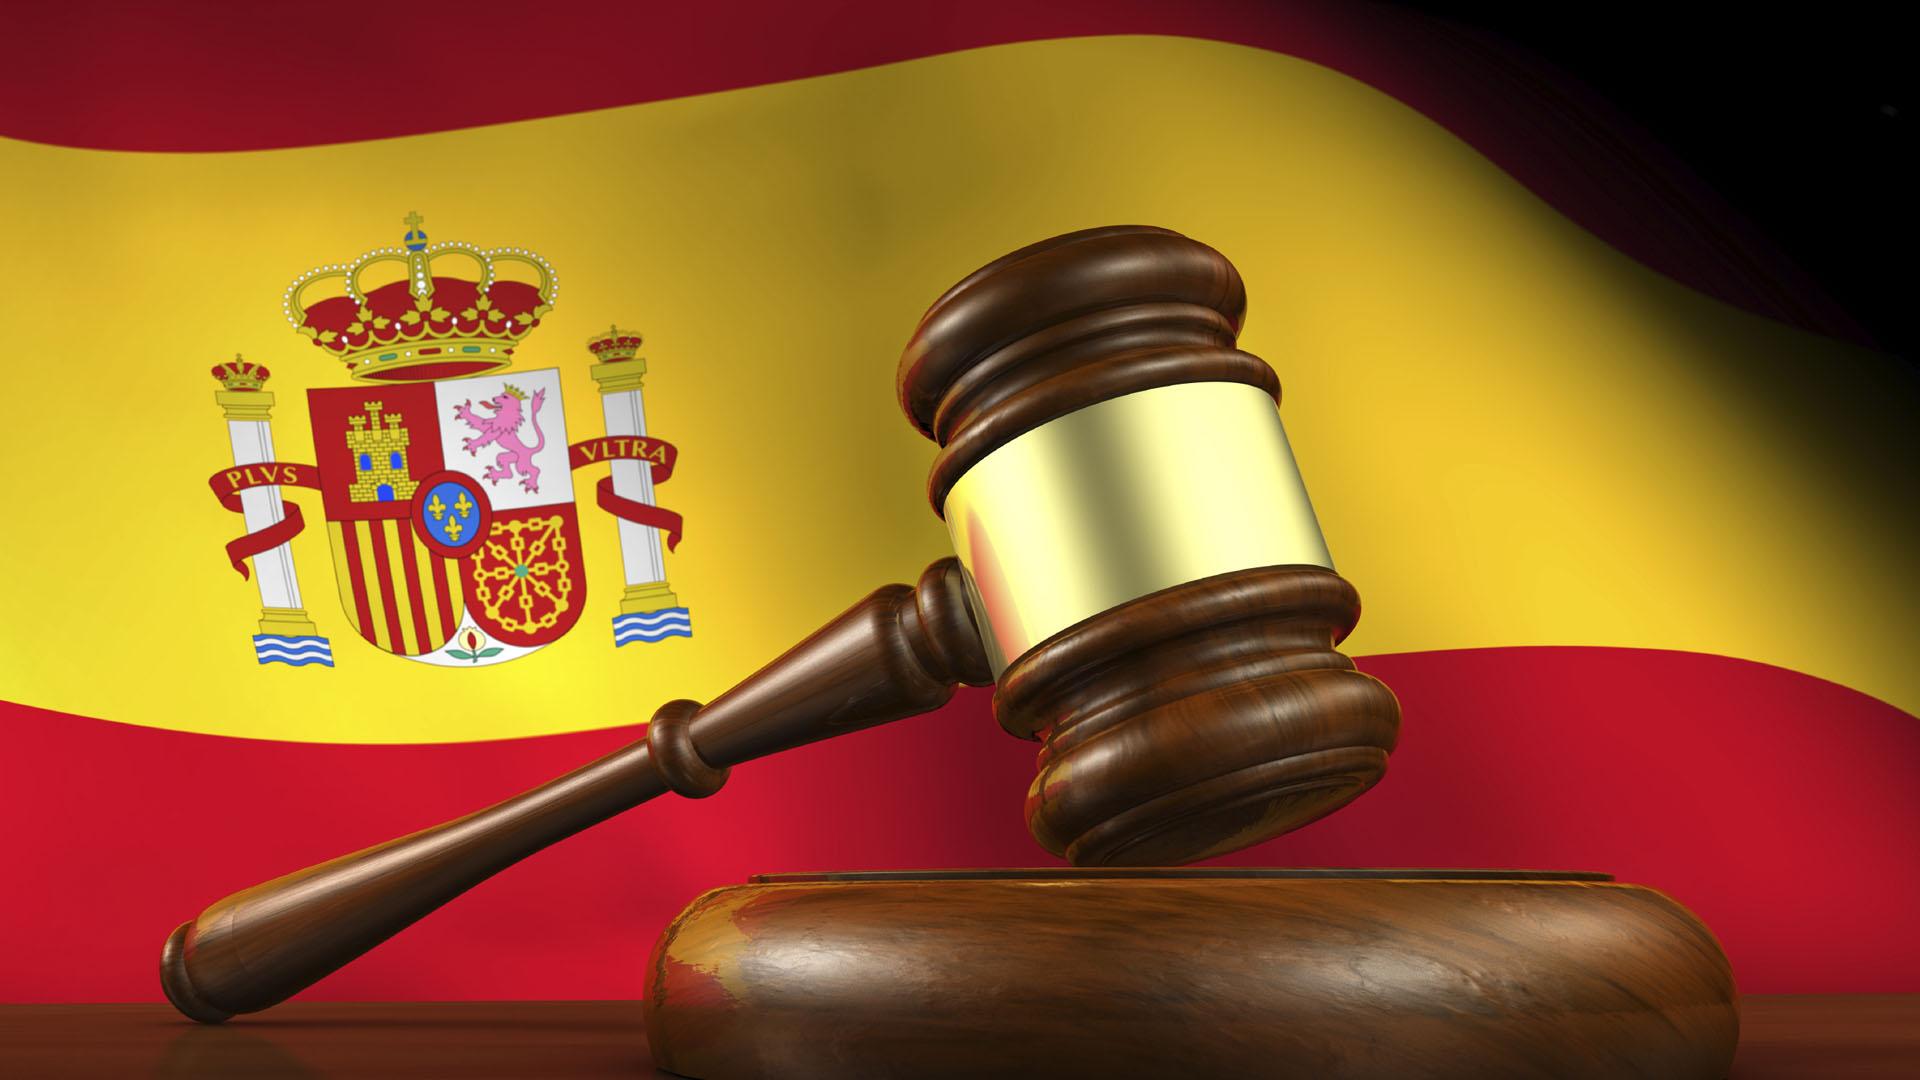 Autoridades judiciales estimaron que el mal recibimiento del Jefe de Estado a la Copa del Rey estuvo amparado bajo la libertad de expresión